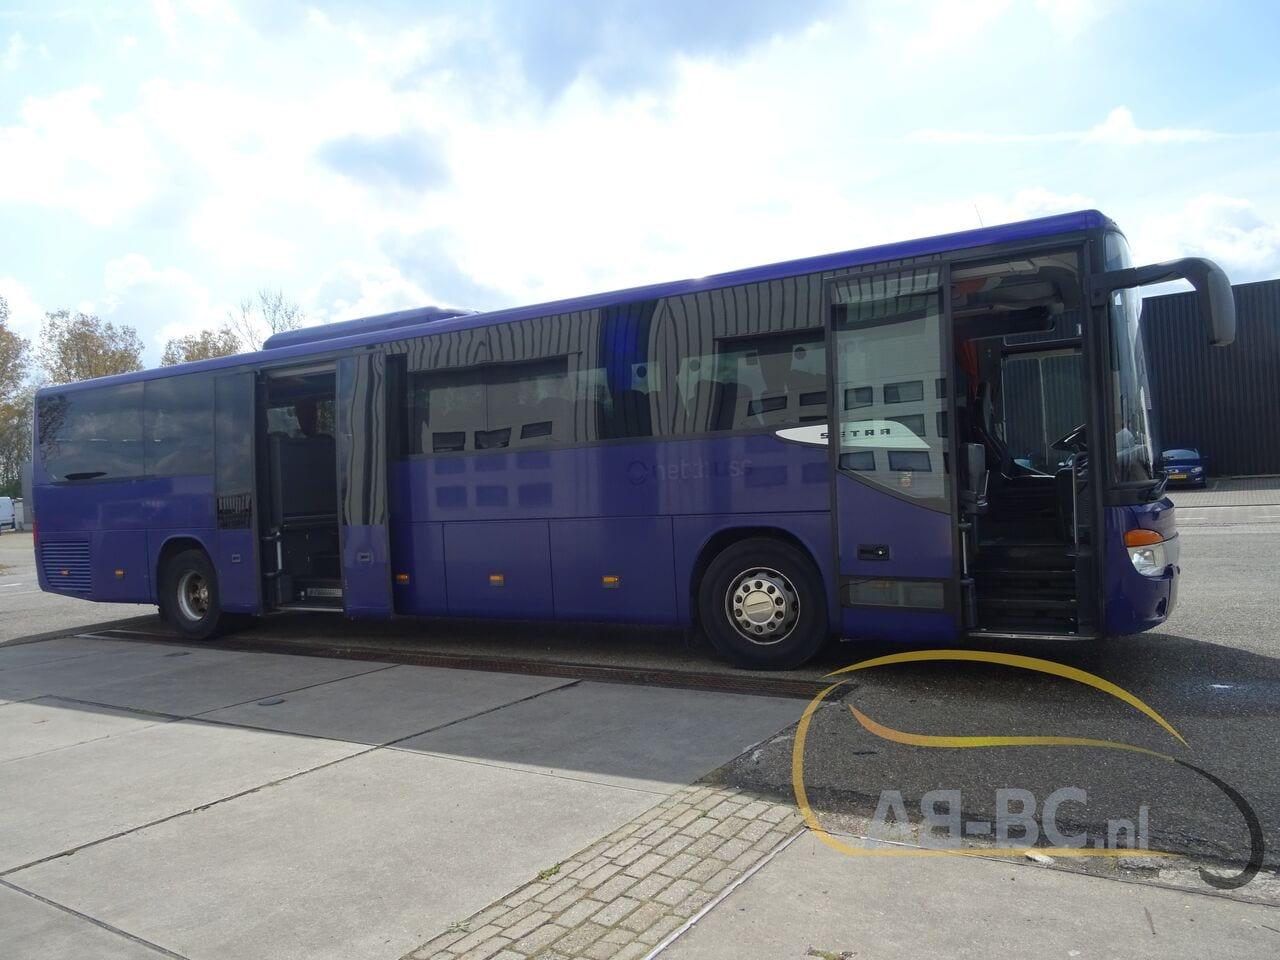 coach-busSETRA-S416H-48-SEATS-LIFTBUS---1620309626243417413_big_693fb3e2ac7cc82a2a88d9cc1bf9a4fc--21050616581387095000